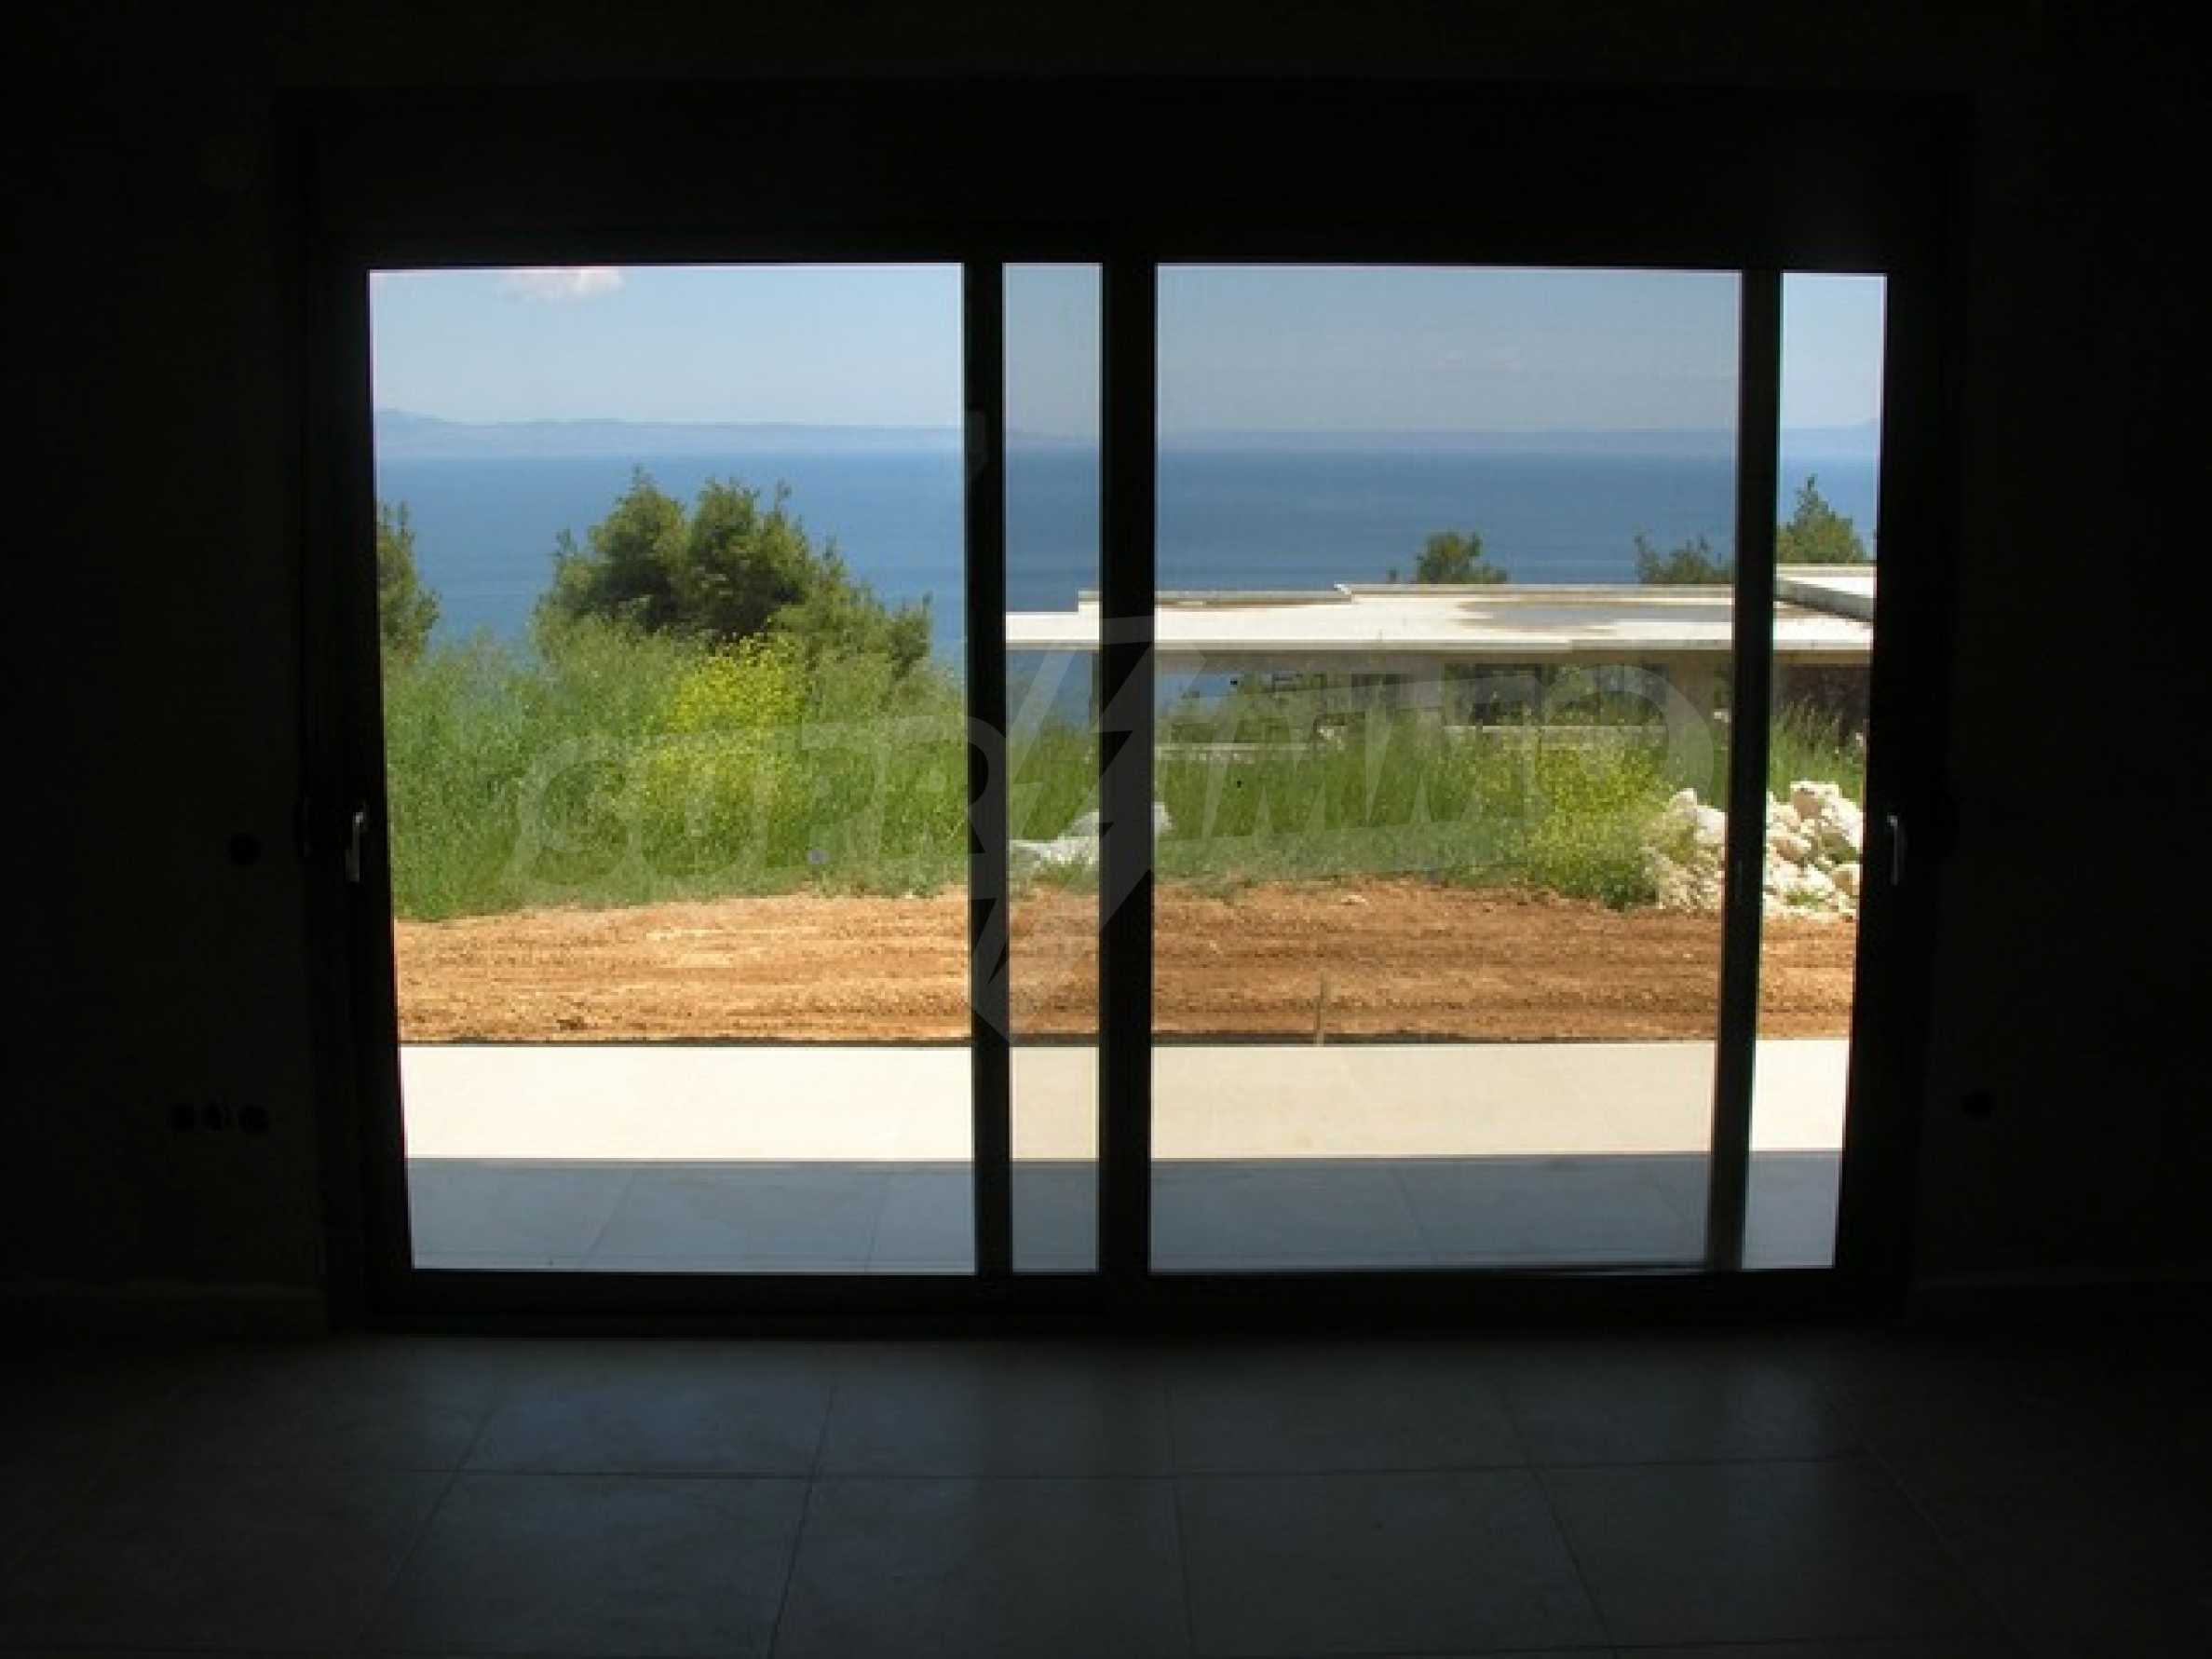 Къща с гледка към морето 2